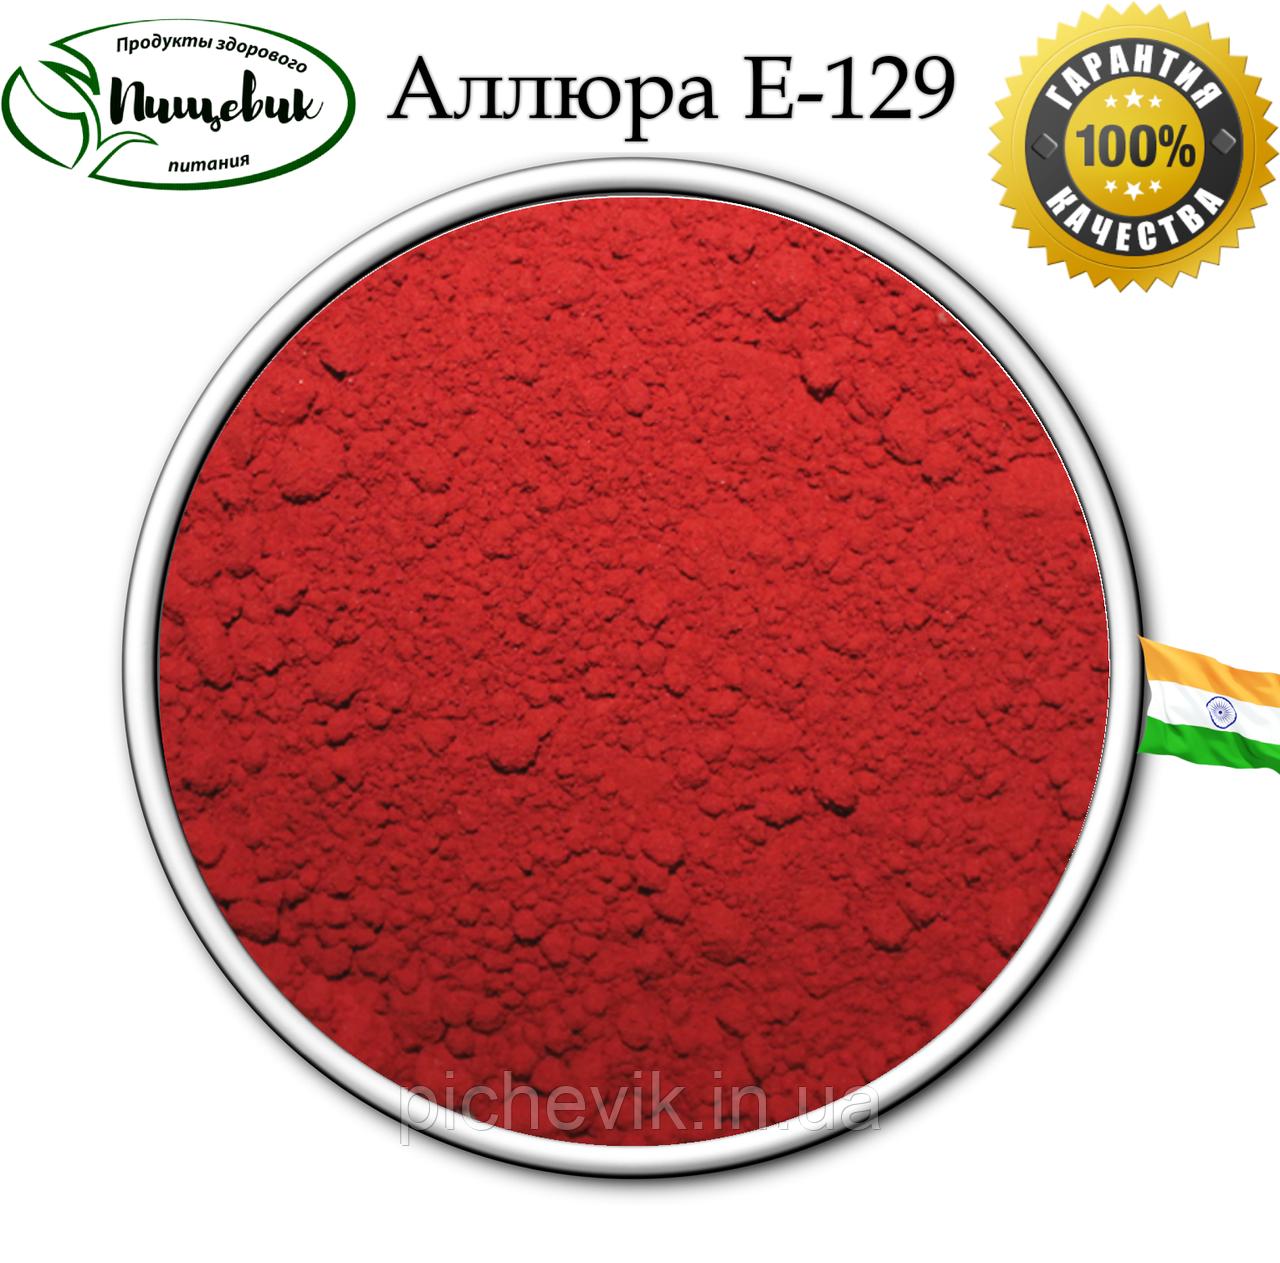 Краситель Аллюра (красный) Е-129 (Индия) вес: 1 кг